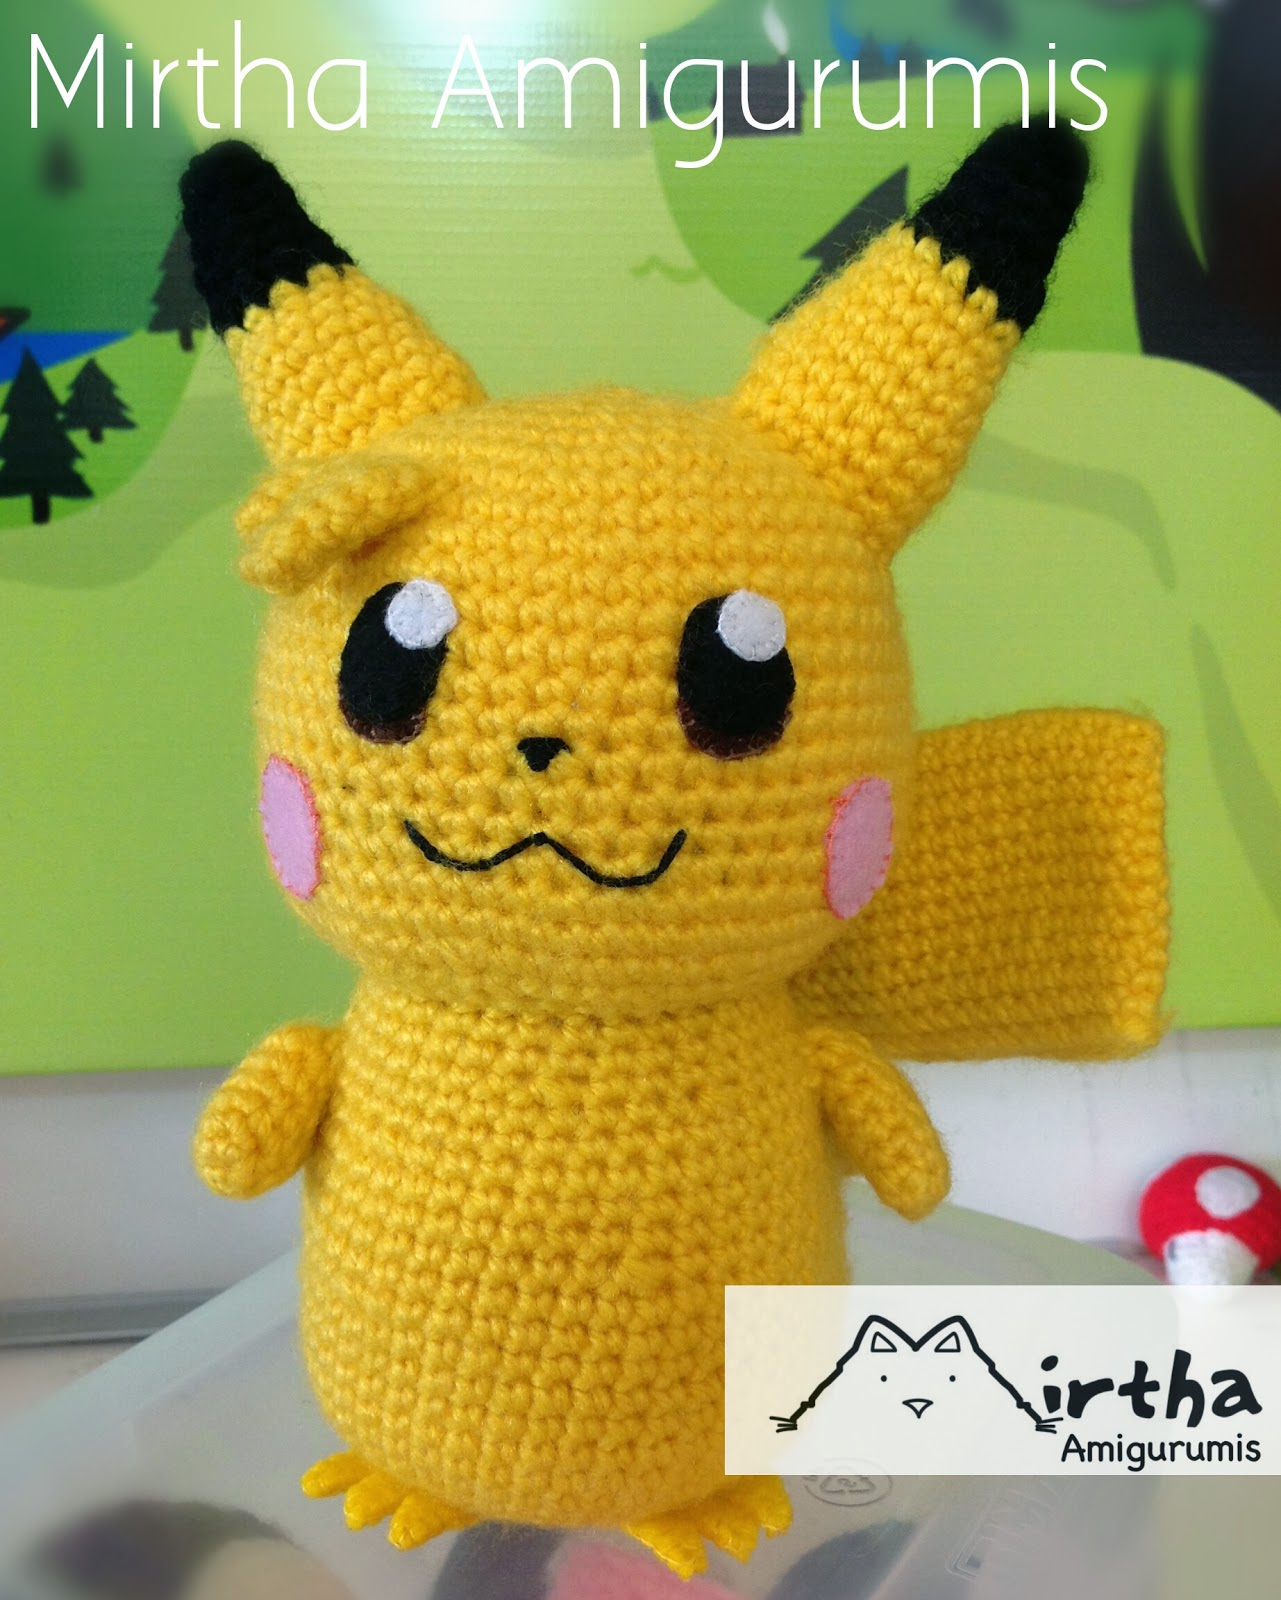 Mirtha Amigurumis: Baby Pikachu Amigurumi